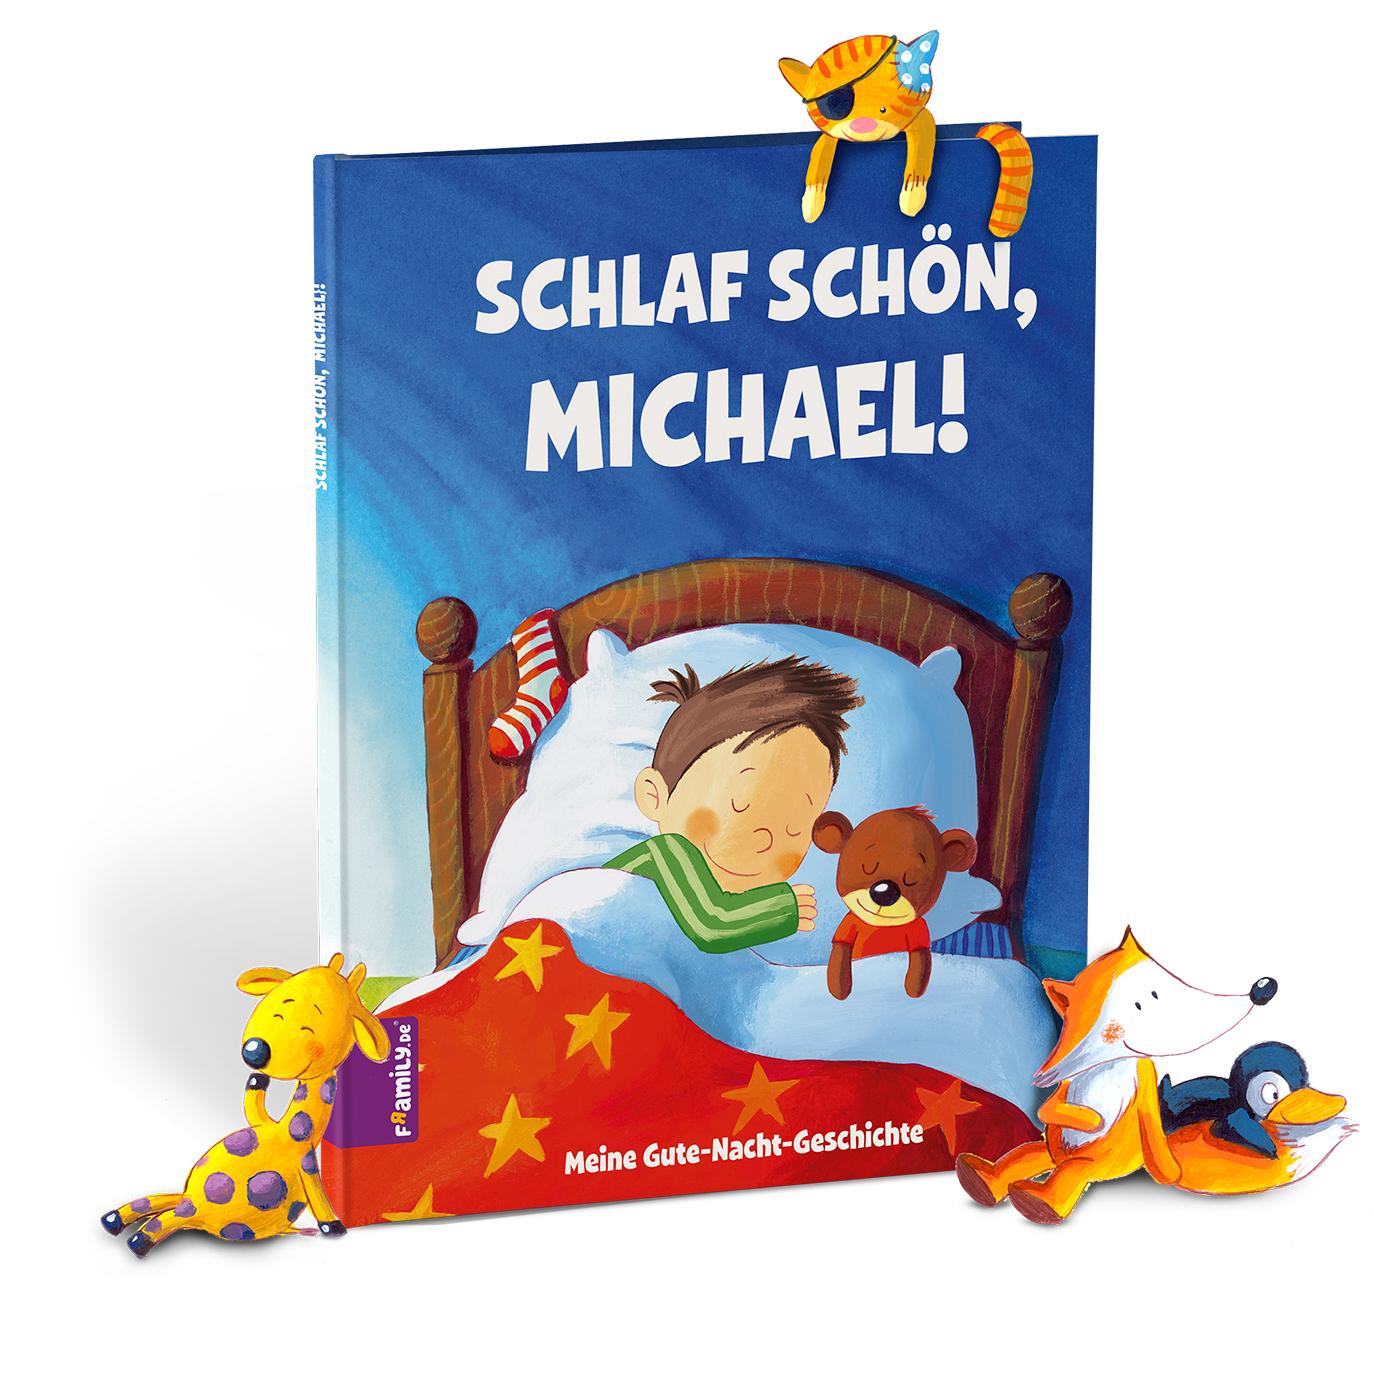 Gute Nacht Geschichte - personalisierte Kinderbuecher